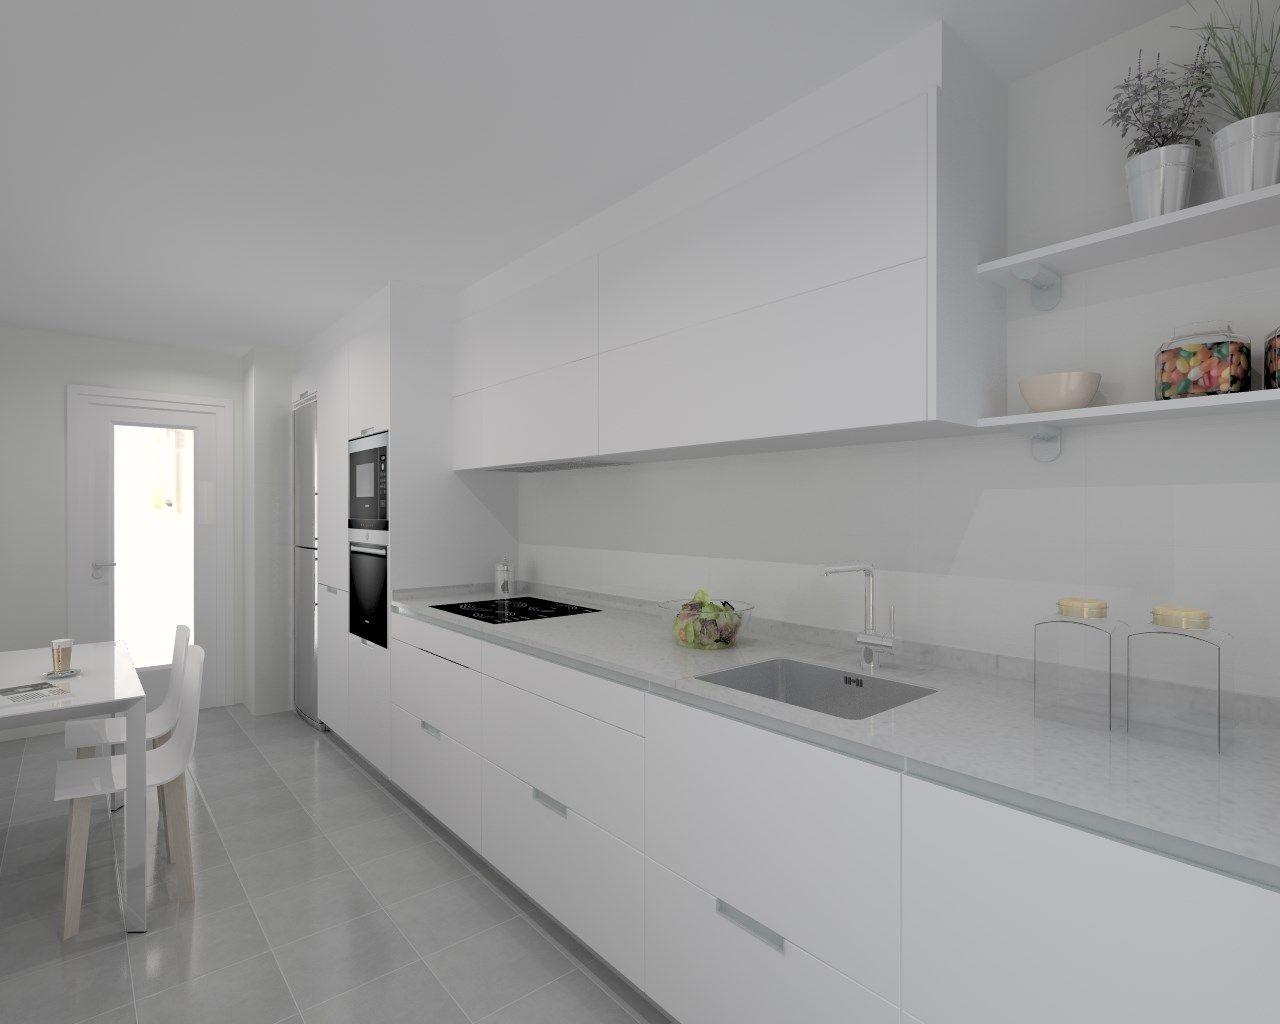 Cocina santos modelo minos e blanco encimera silestone - Encimera silestone blanco ...